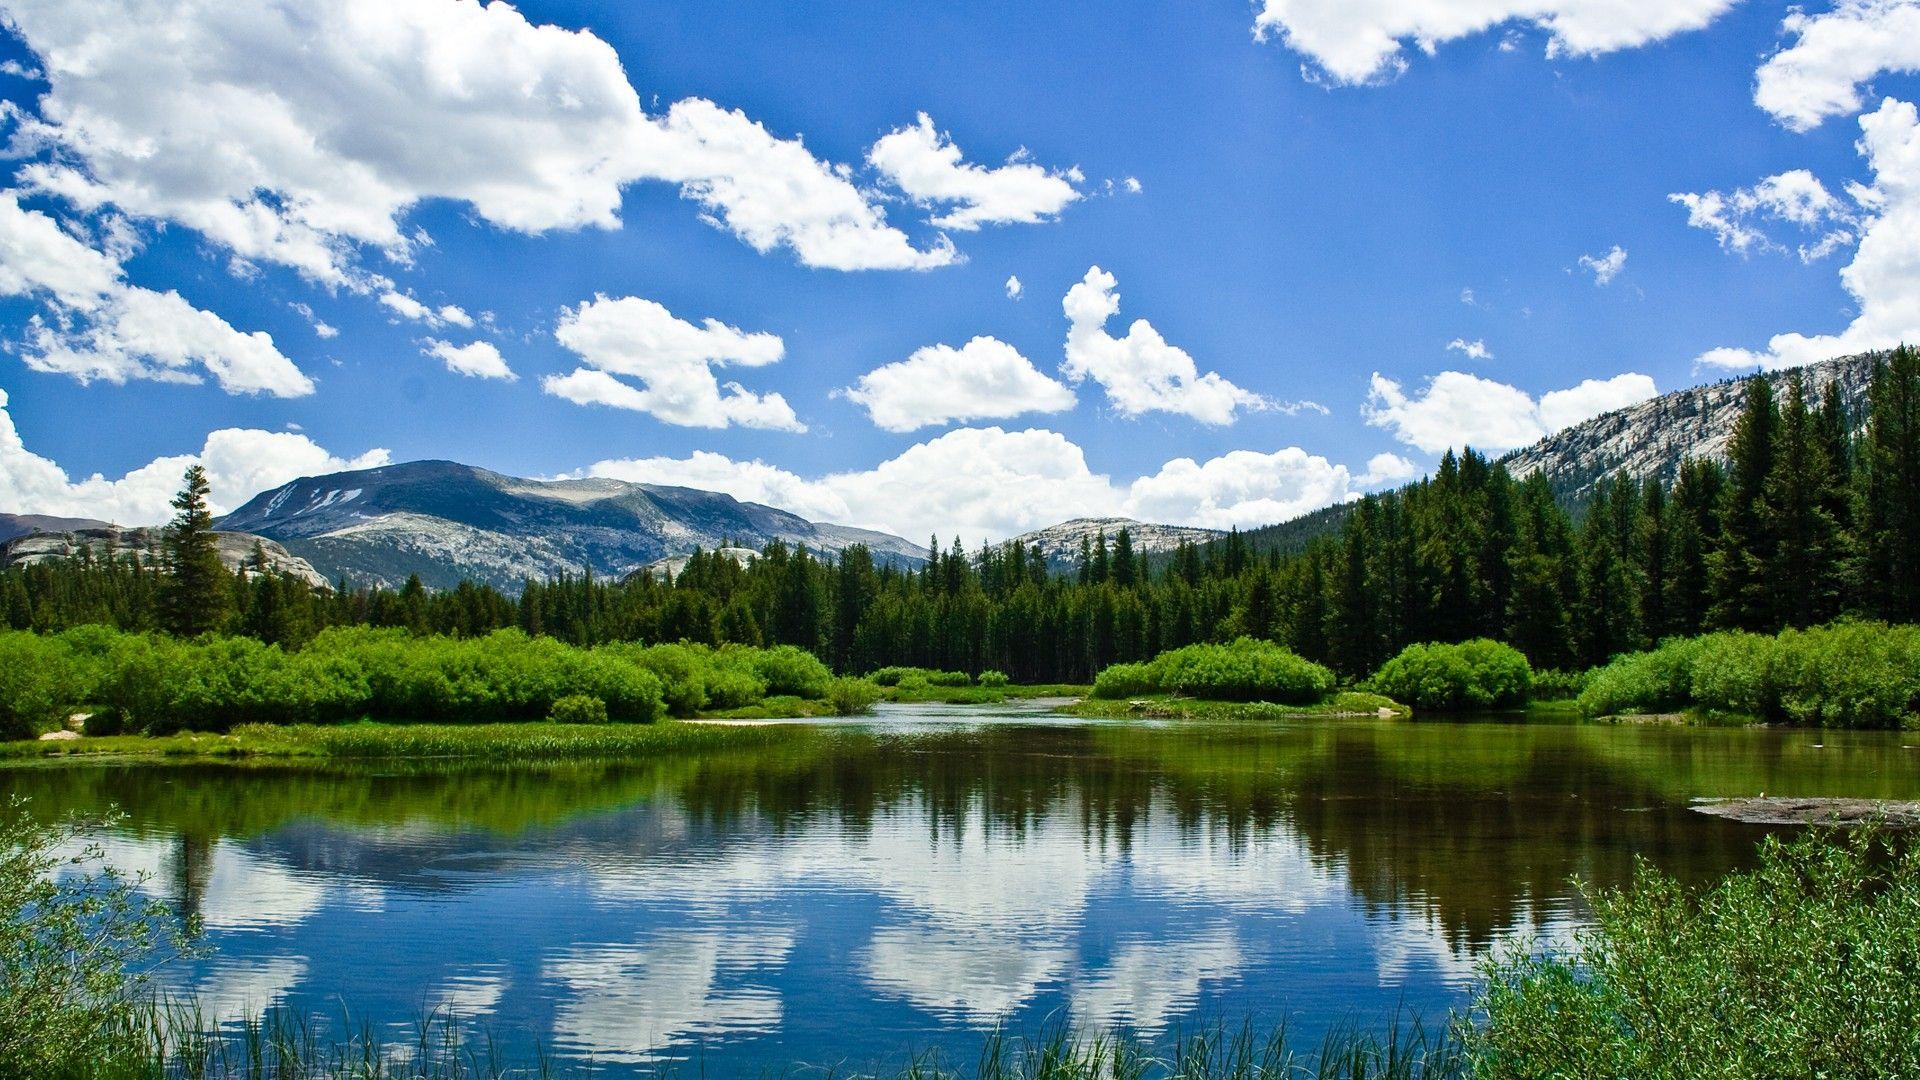 Alaska Landscape Wallpaper - Recherche Google